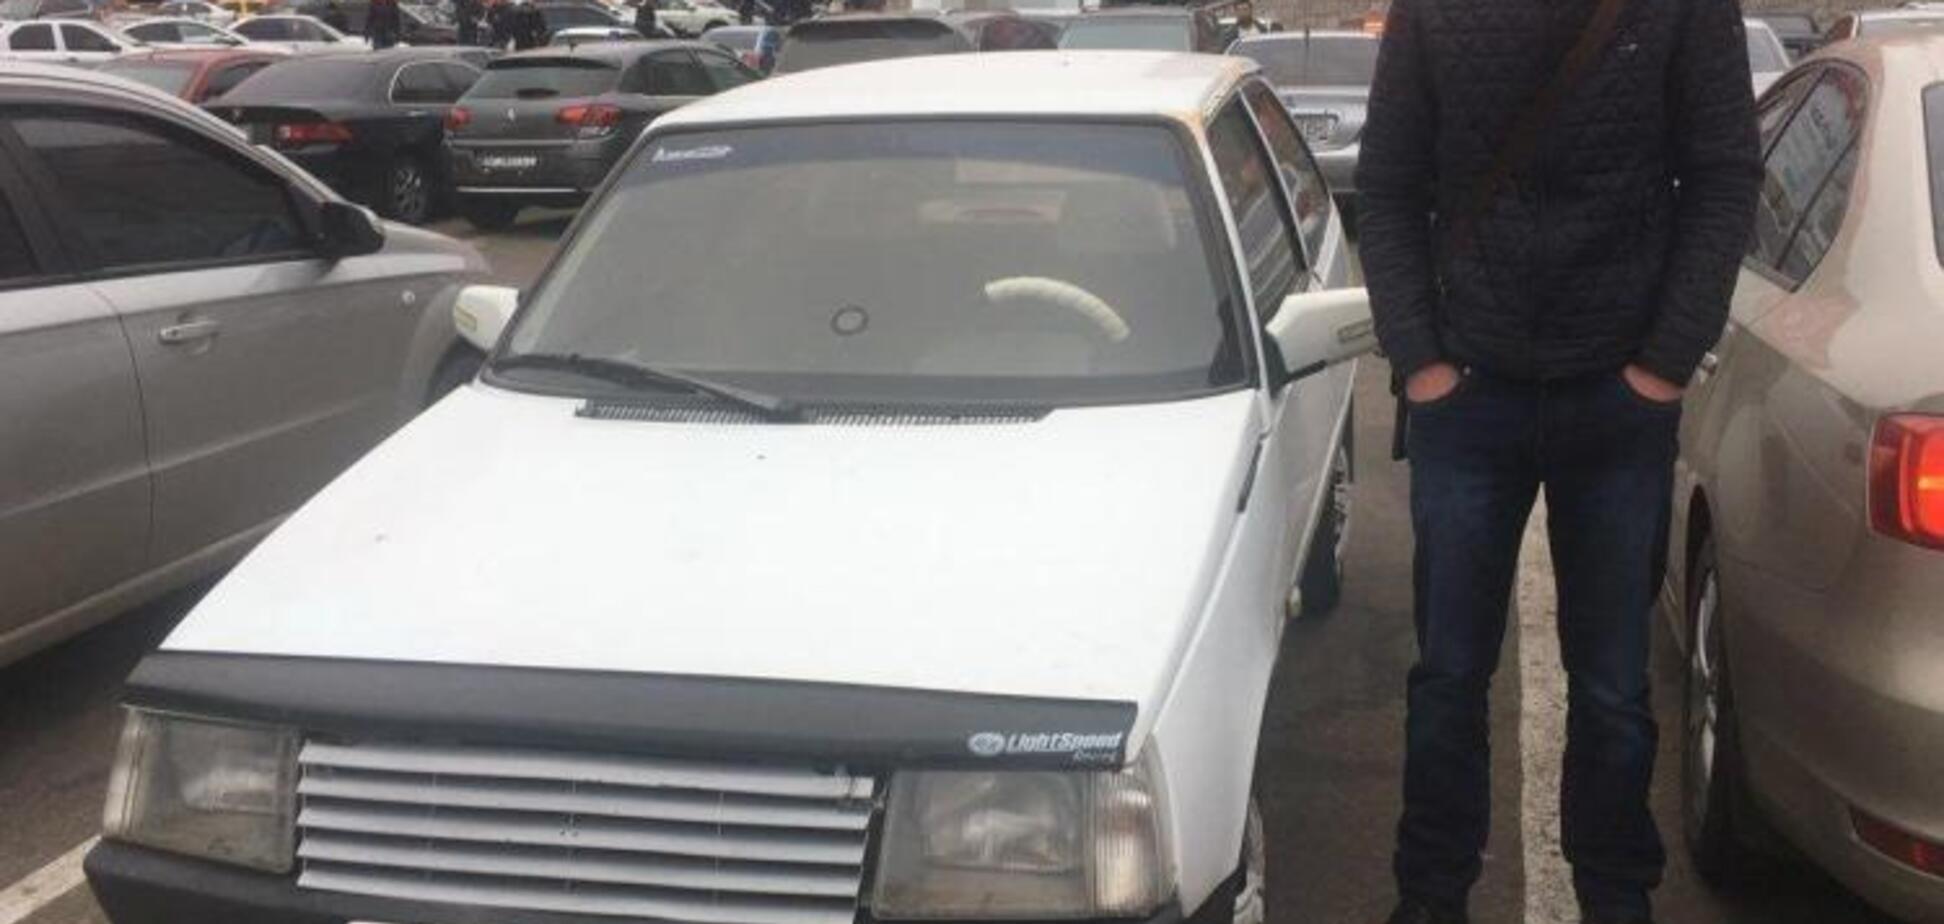 ''Це фіаско'': у Запоріжжі хлопець заявив про викрадення автомобіля і зганьбився